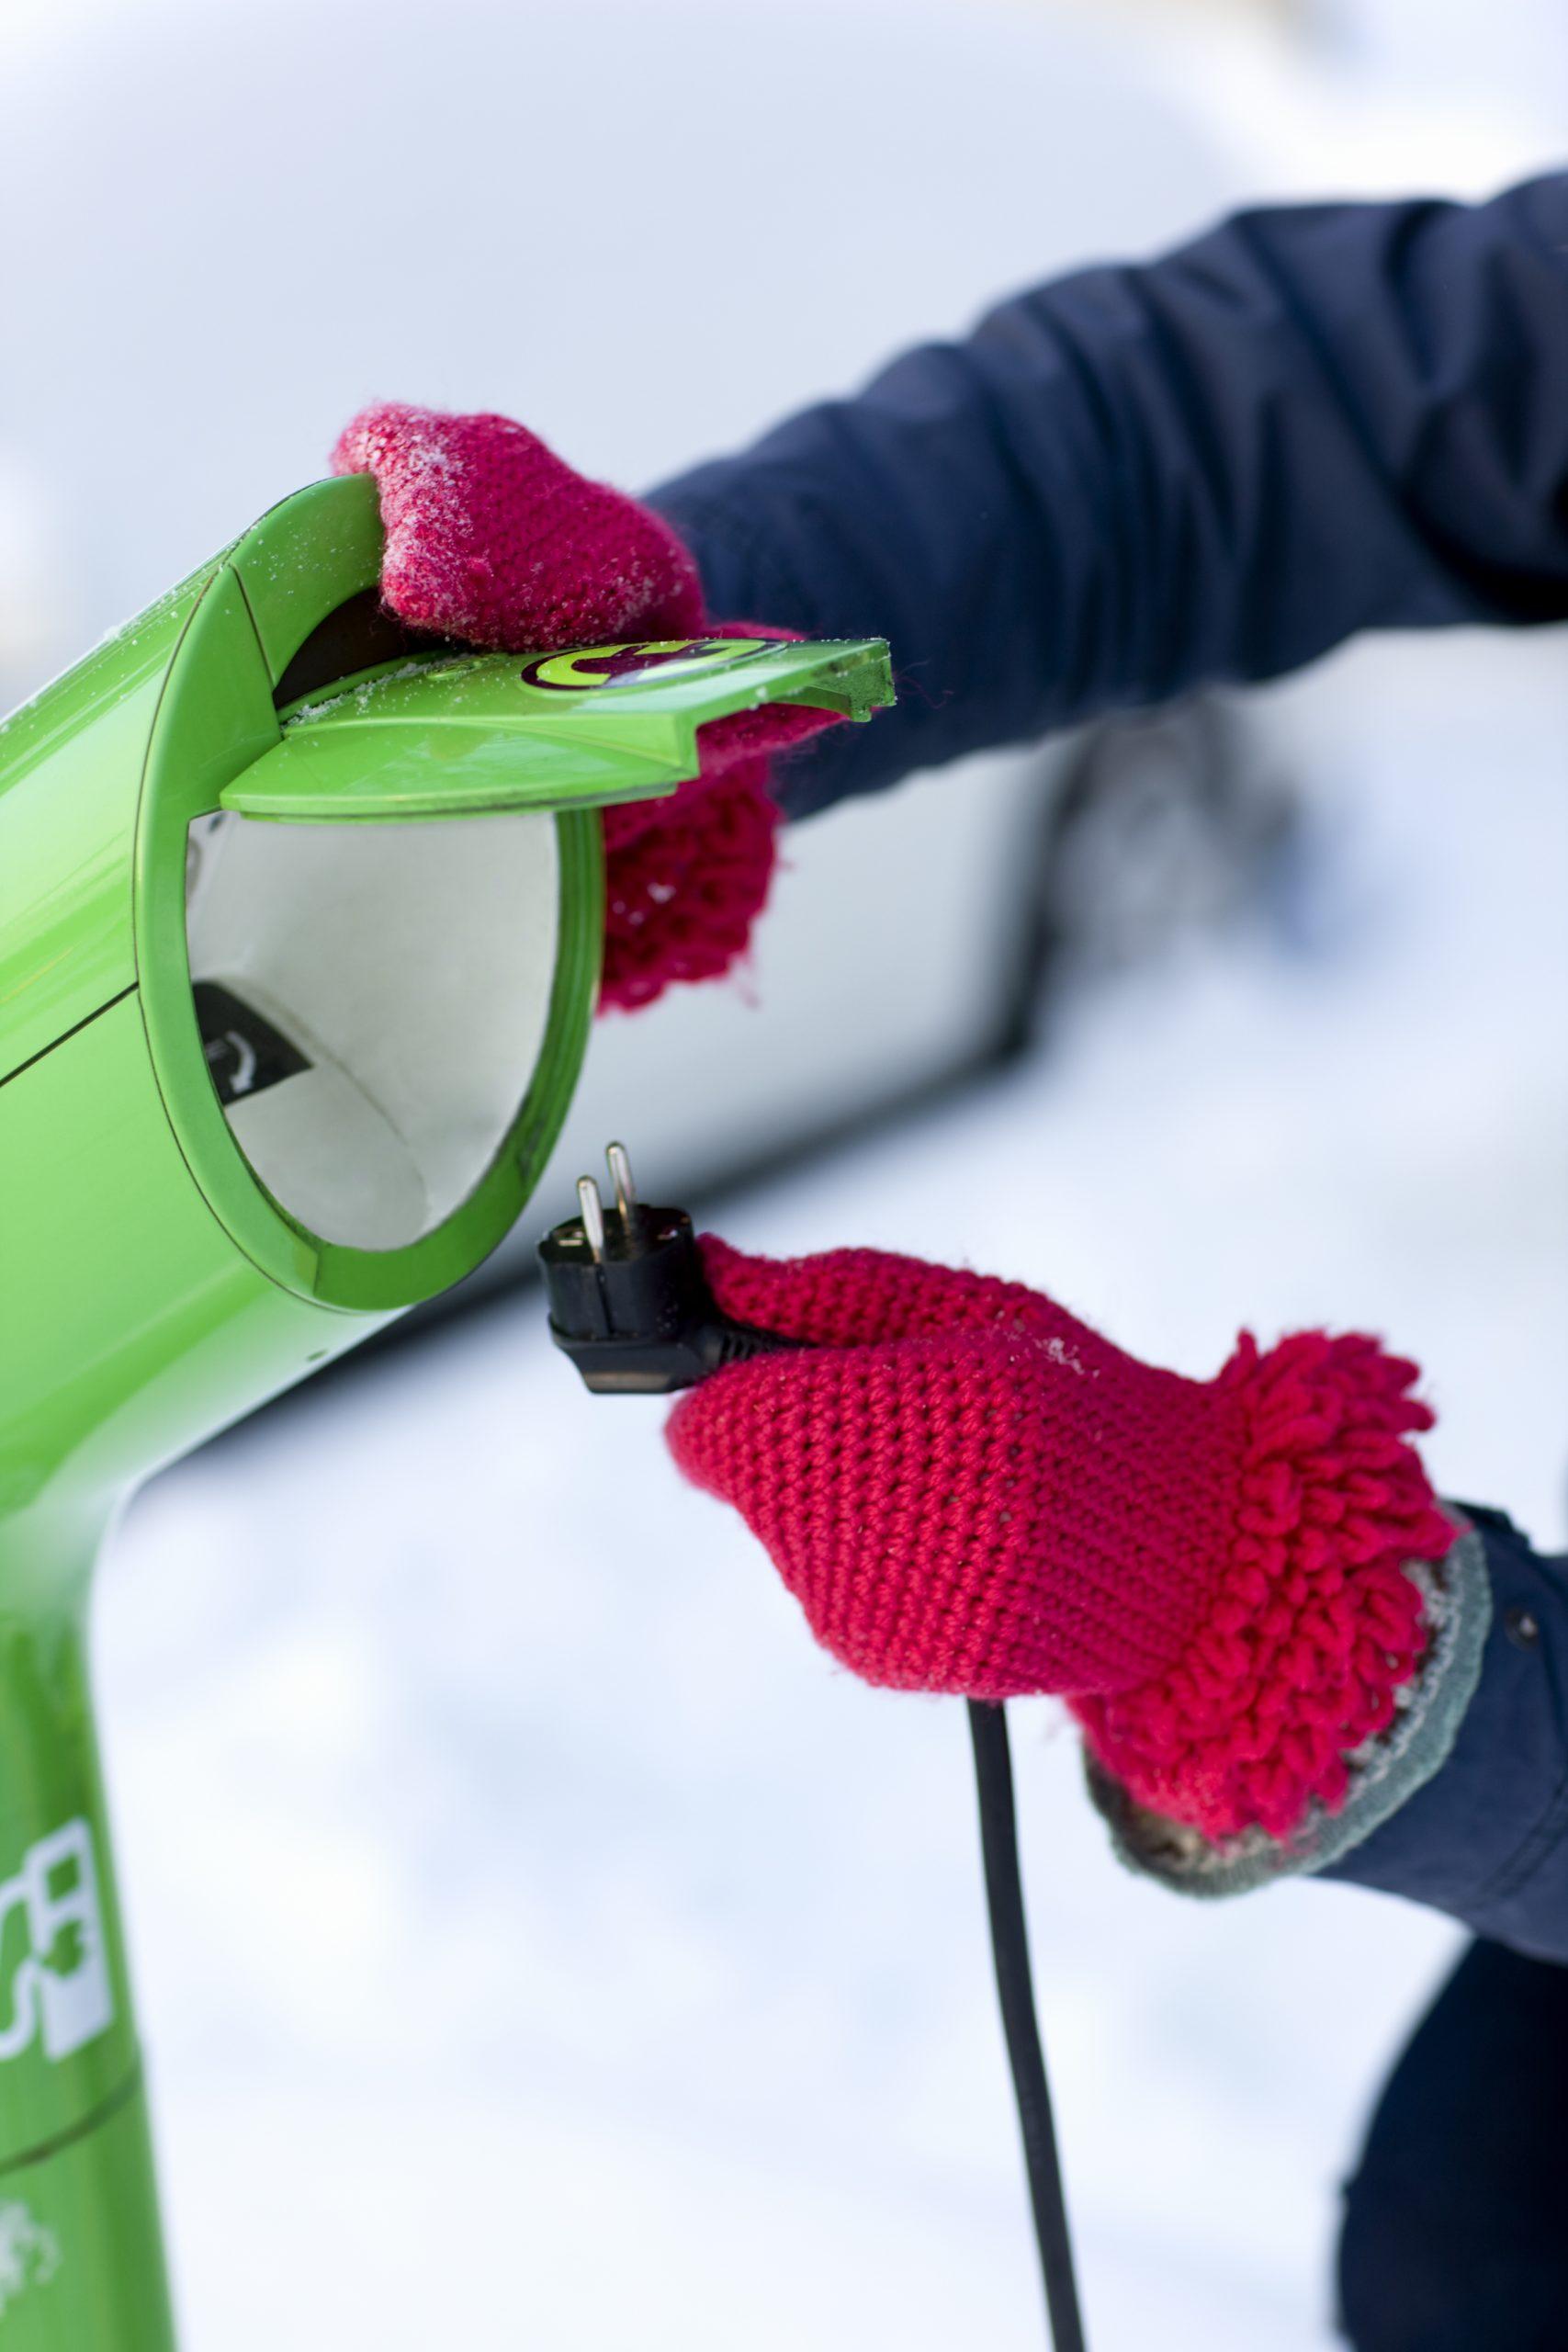 Person är på väg att sätta i en kontakt i en laddstolpe. Det är vinter och snö, personen har röda tumvantar.